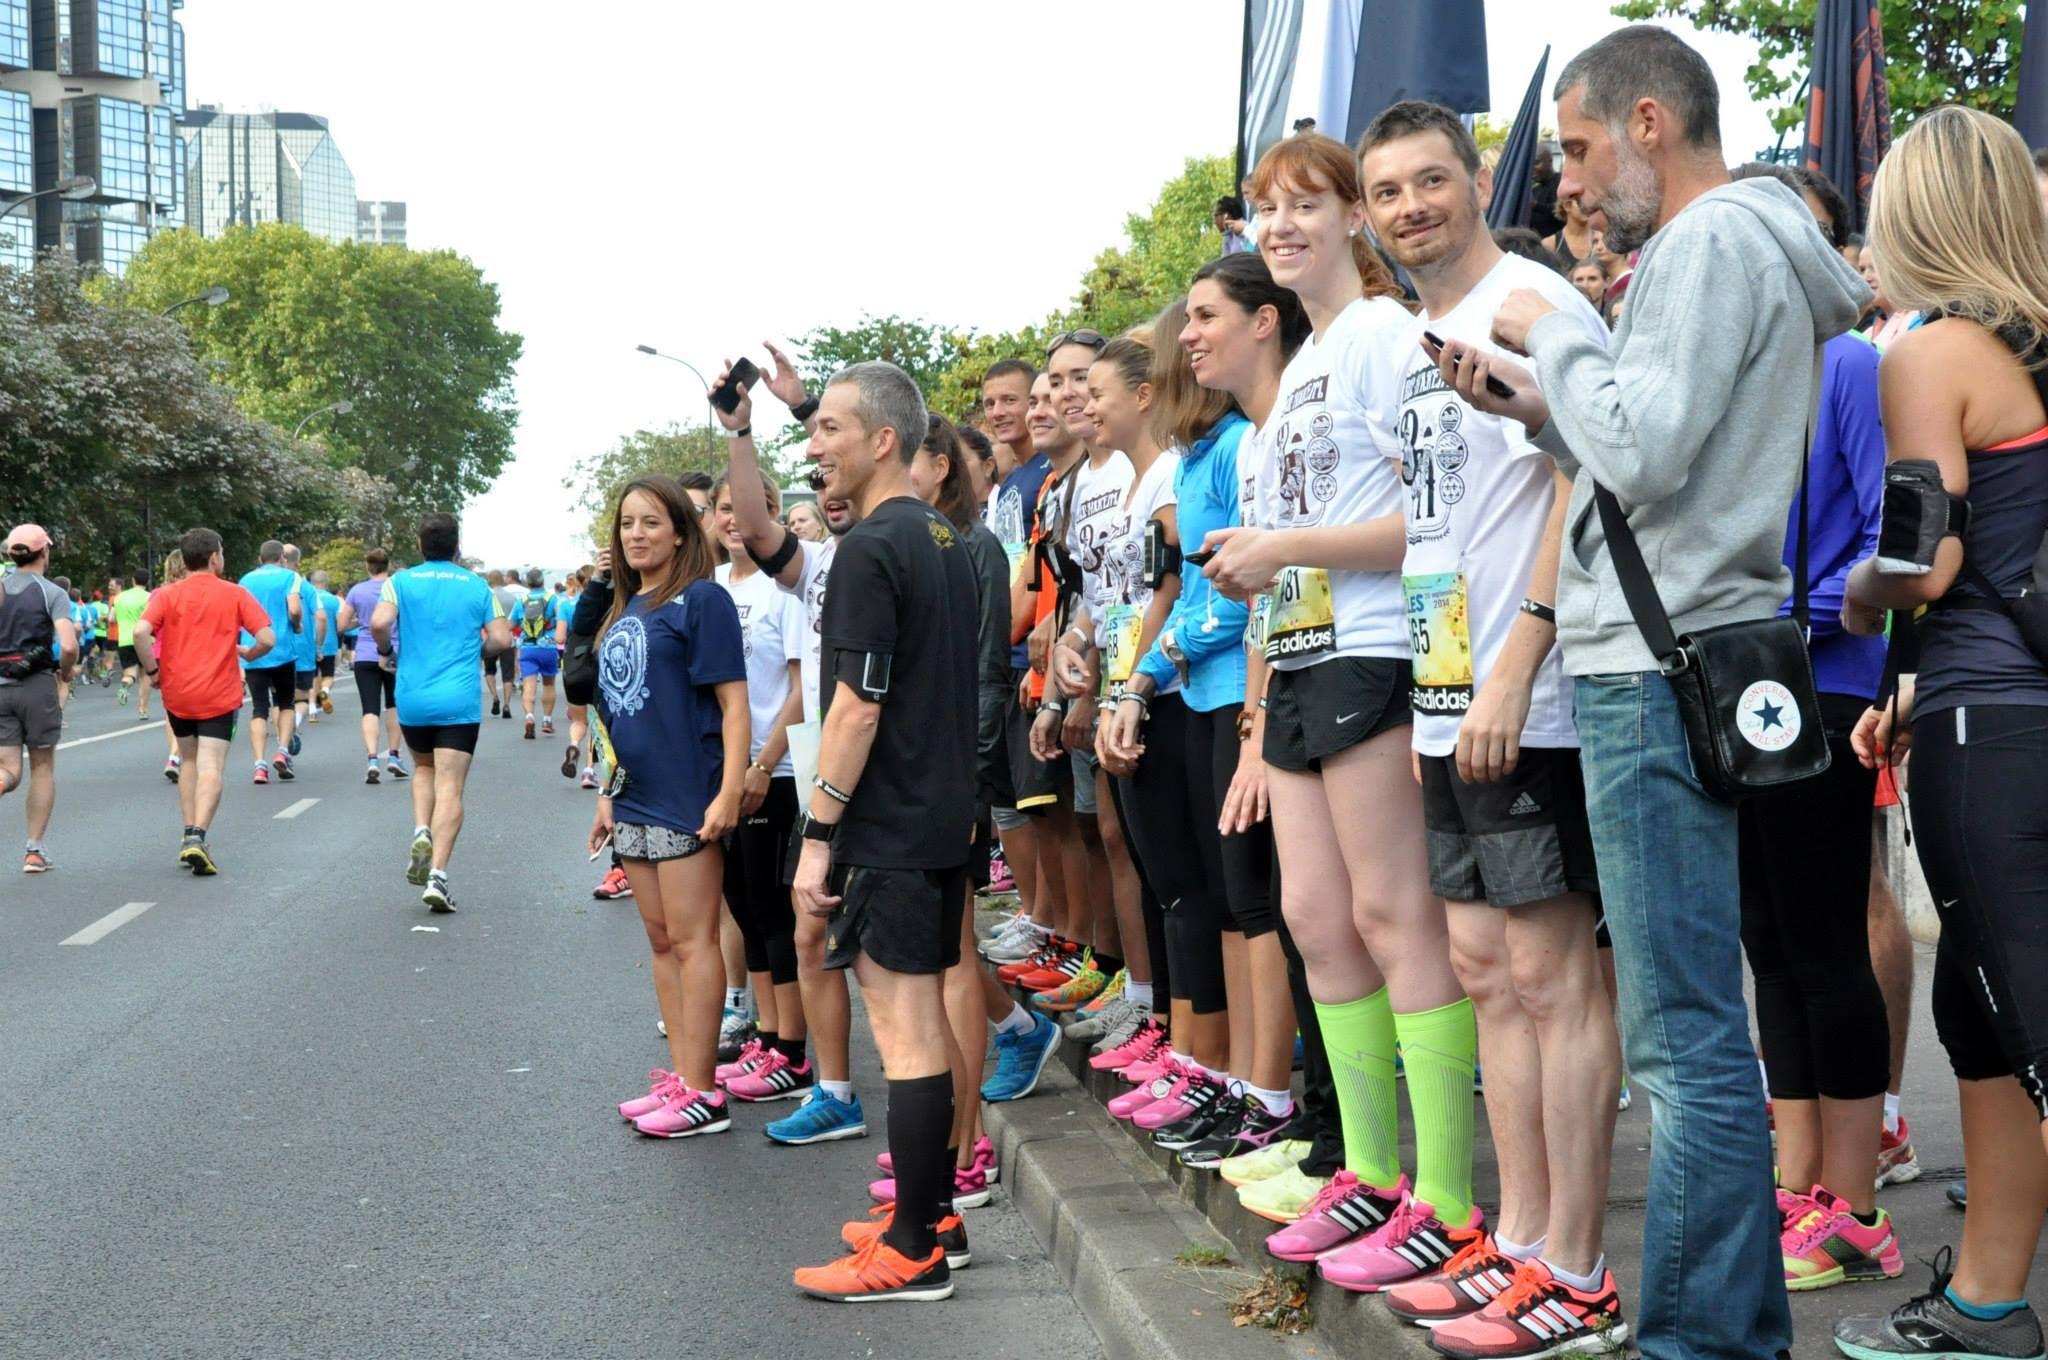 #boostbirhakeim - On porte des Adidas et toi - Paris-Versailles - @bbirhakeim